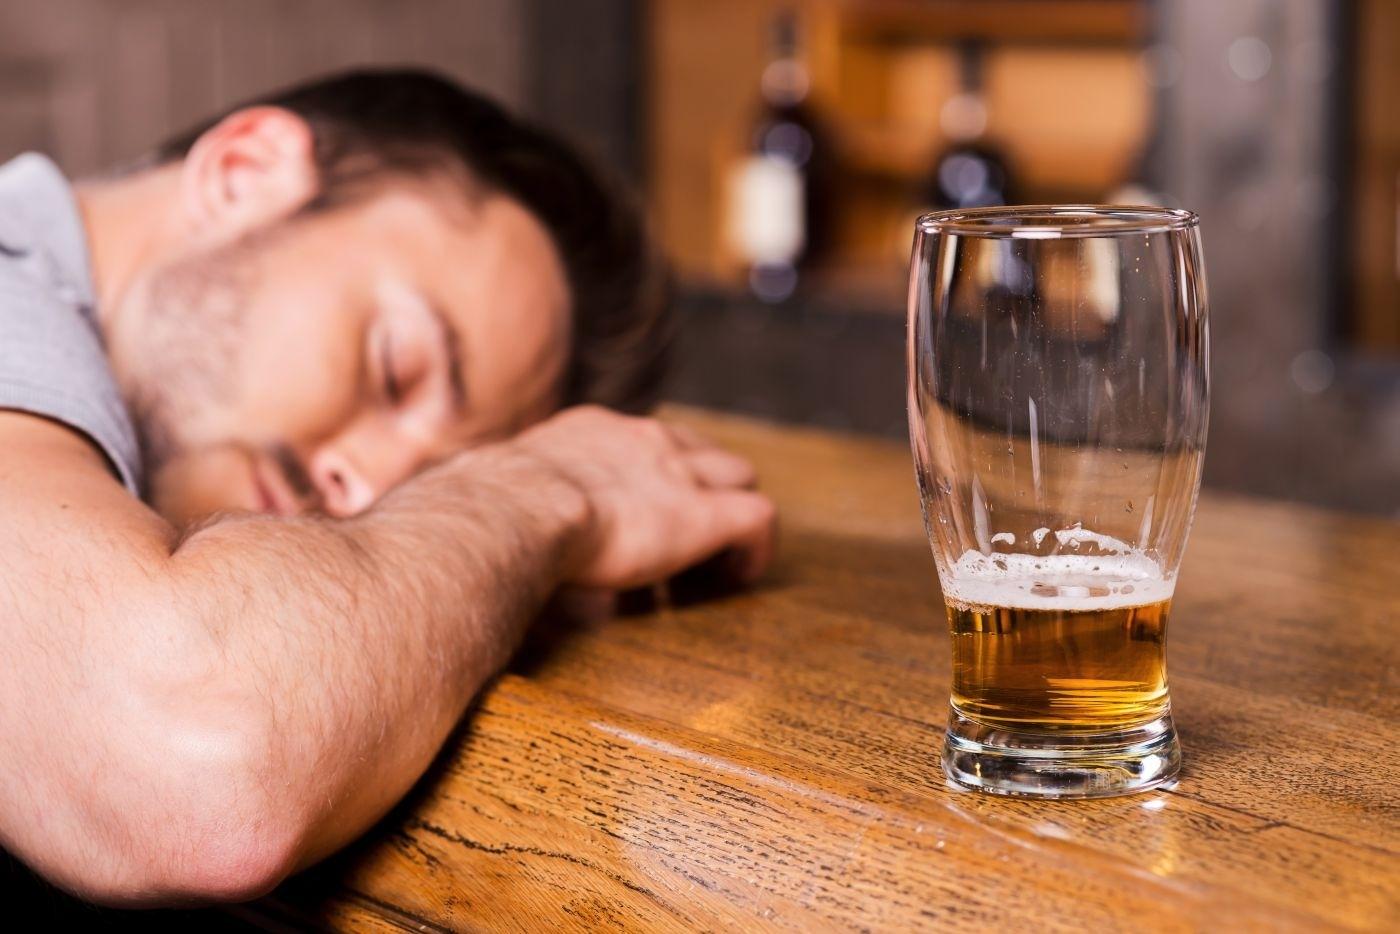 Приснился пьяный муж  значение сна